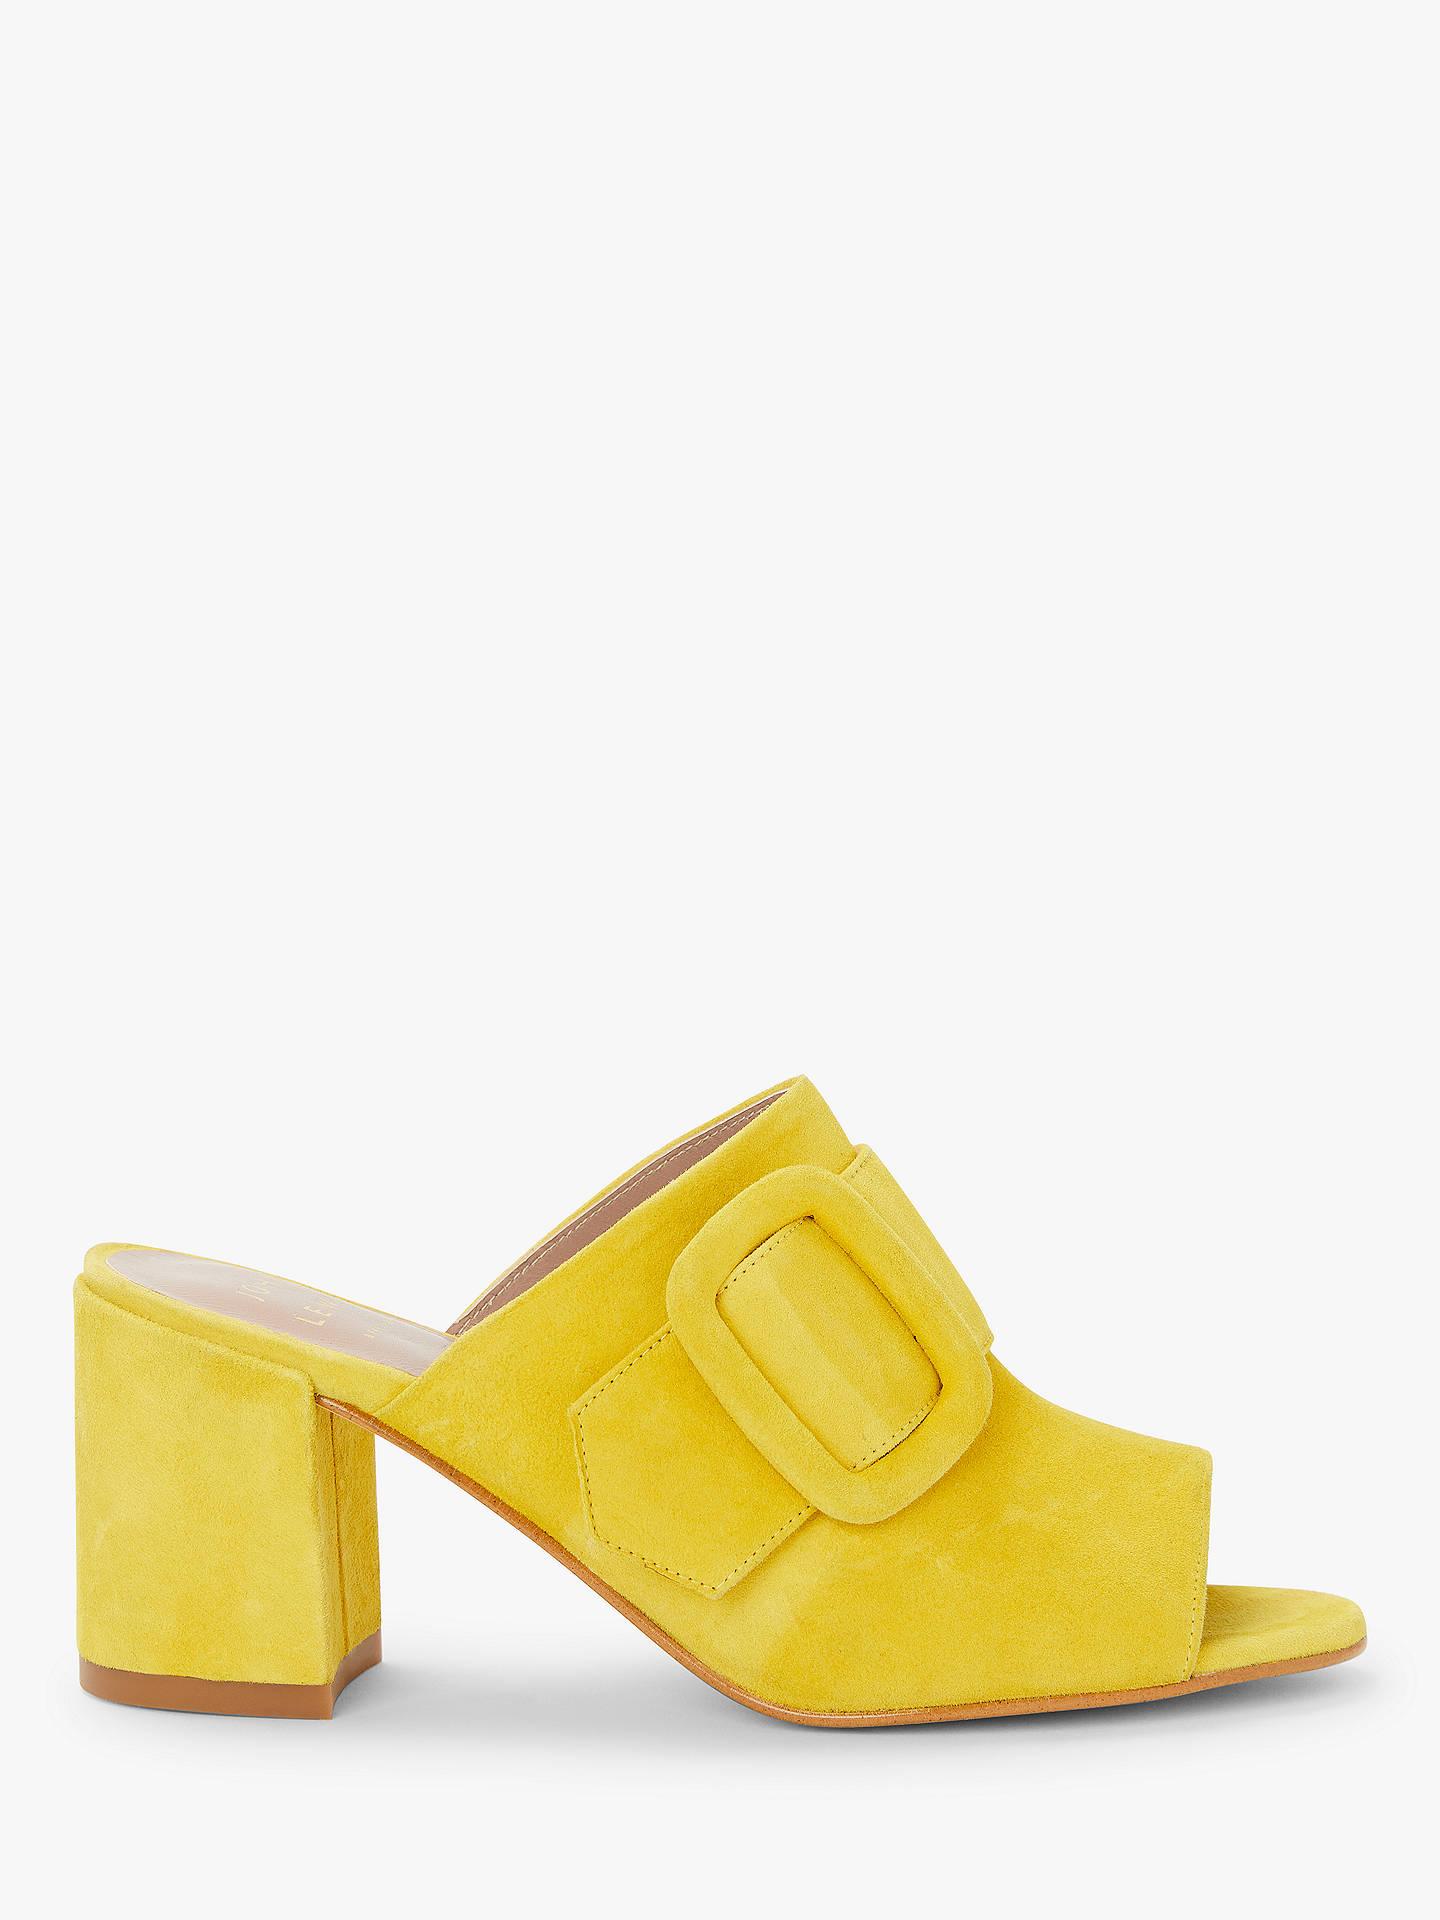 25ddc354fdb John Lewis & Partners Inda Block Heel Sandals, Yellow Suede